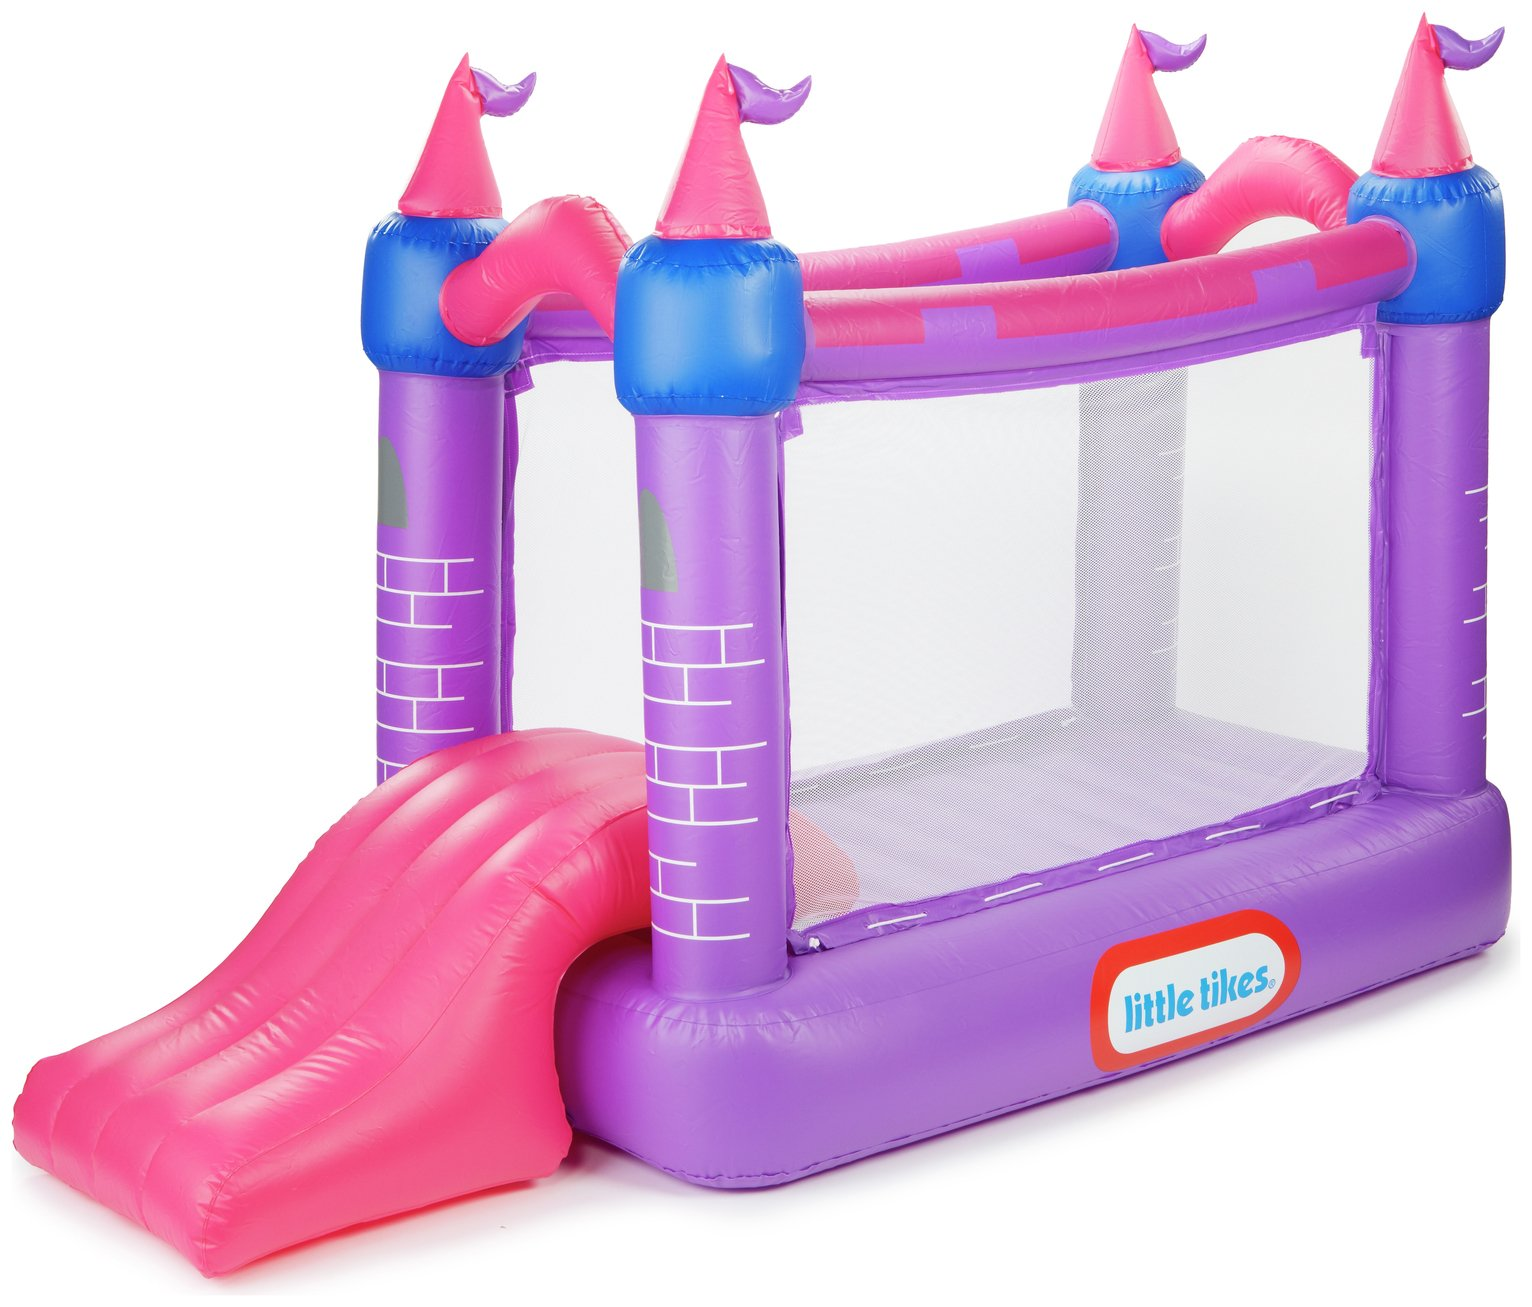 Little Tikes Princess Castle Bouncer